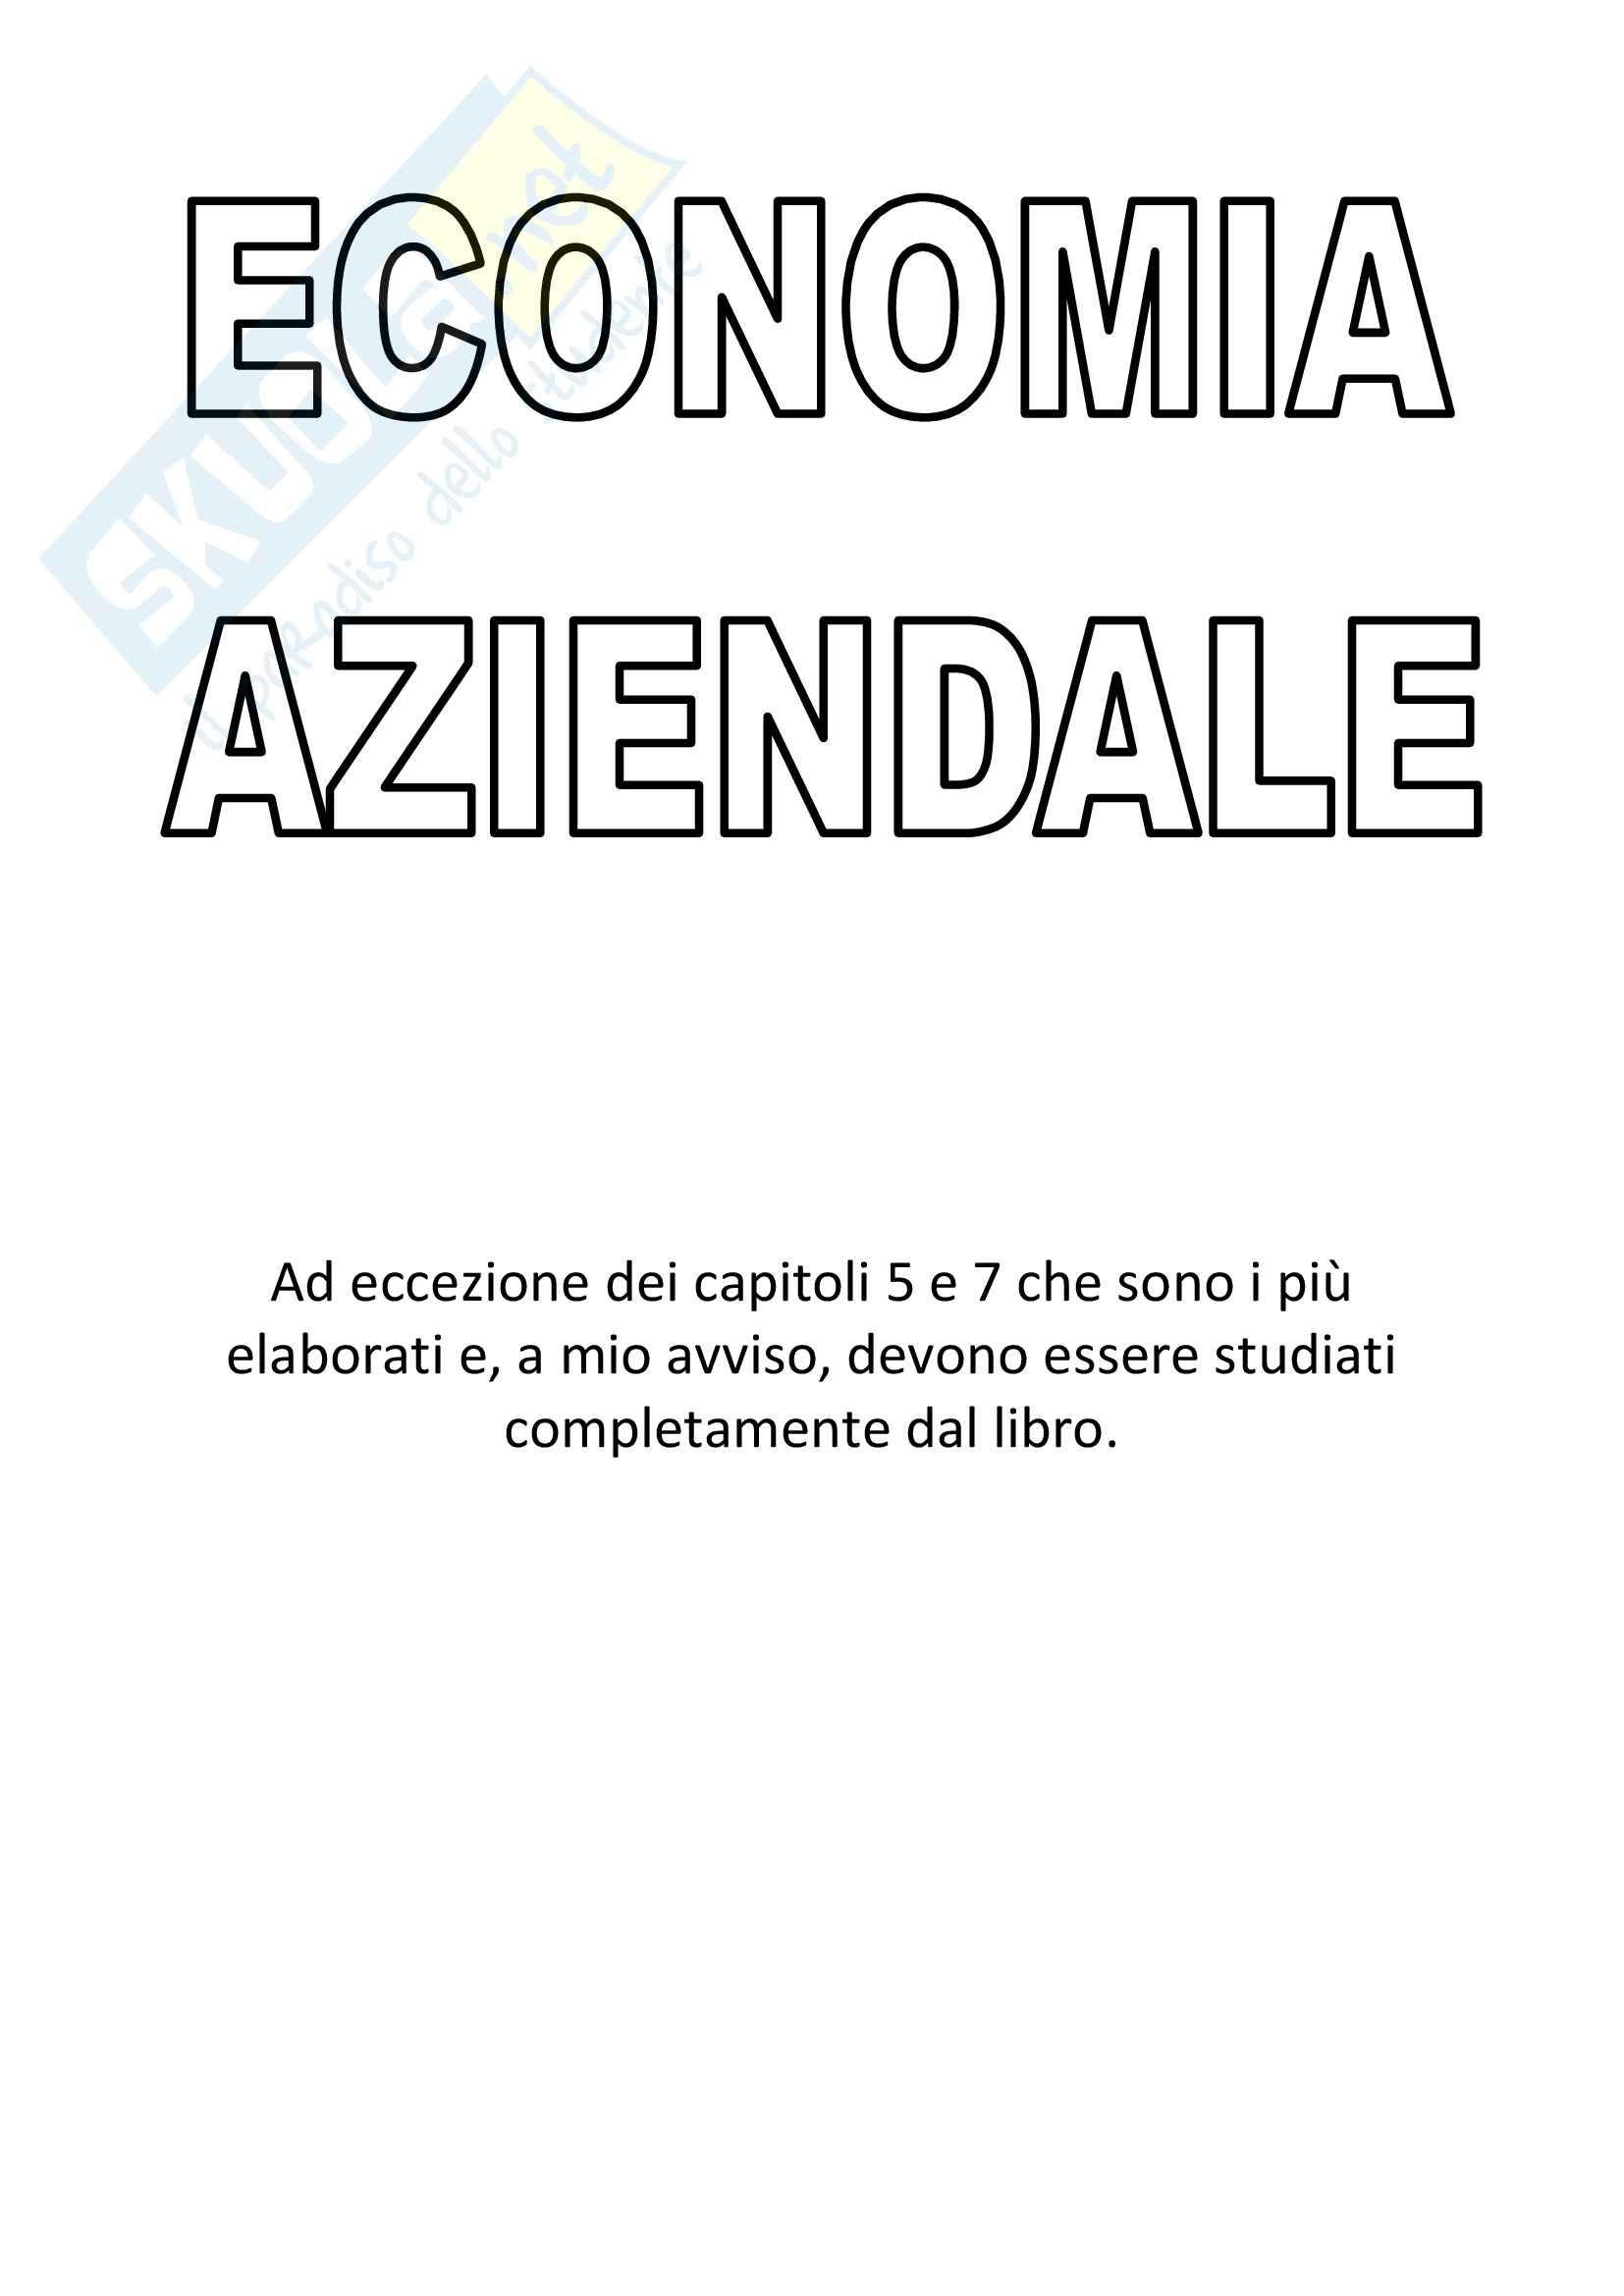 Riassunto esame Economia aziendale, prof. Magli, libro consigliato I fondamenti dell'economia e strategia aziendale, Saita